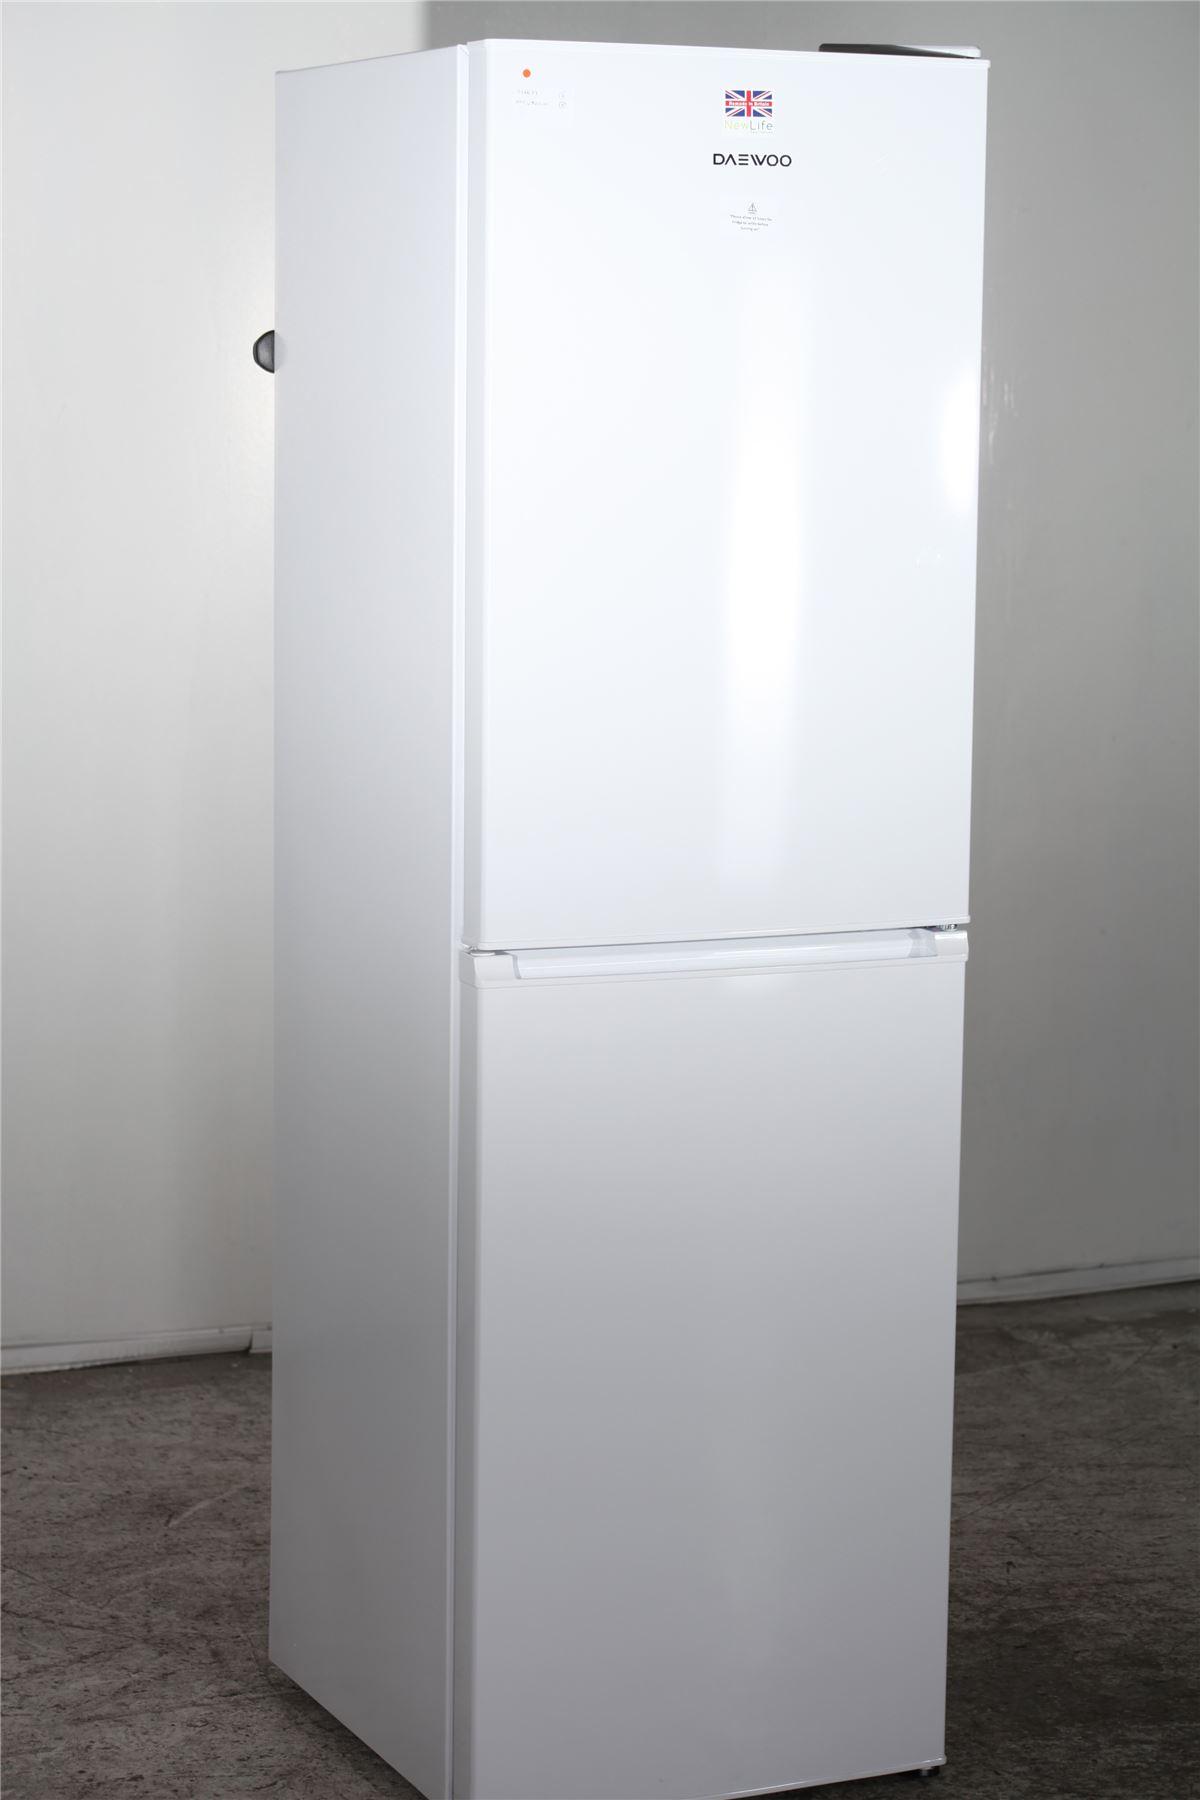 preloved daewoo fridge freezer dff470s white for. Black Bedroom Furniture Sets. Home Design Ideas